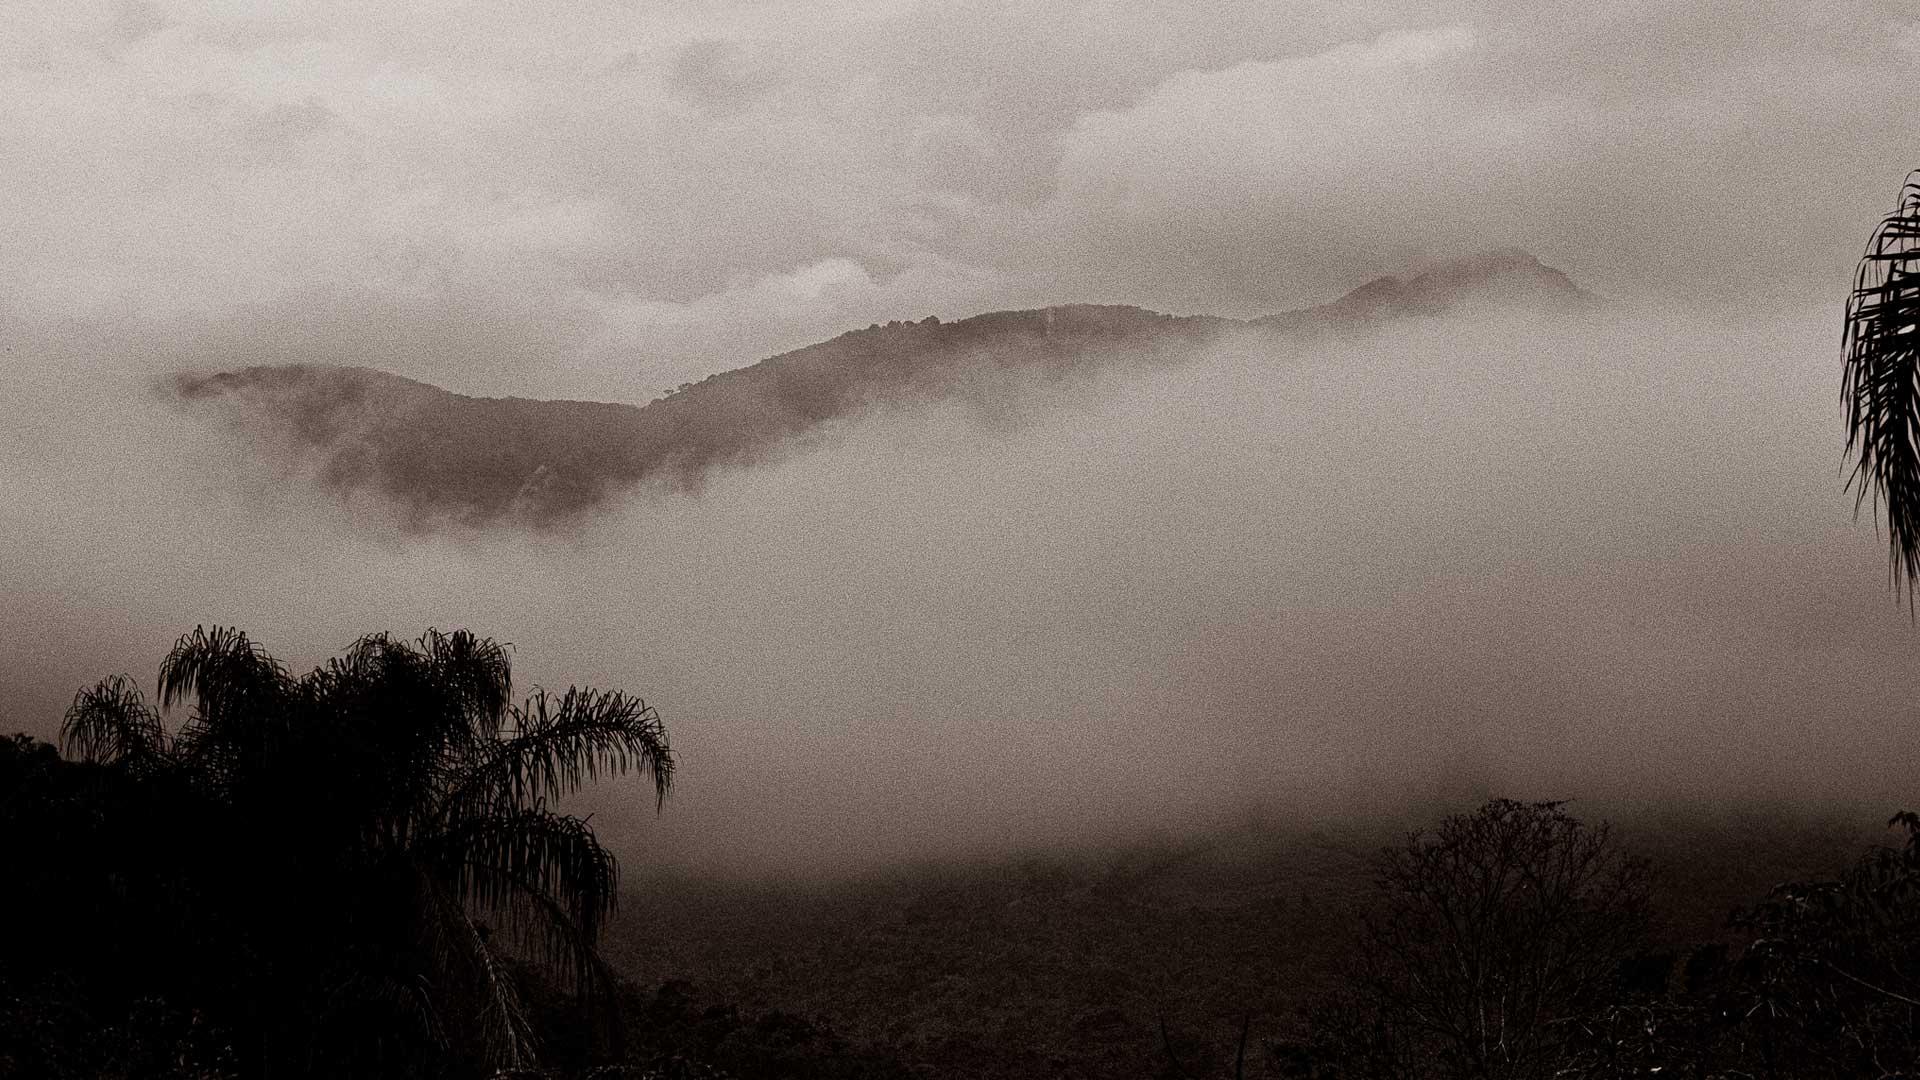 Fotografia de João Gomes - Fazenda Vargem Grande - Areias/SP